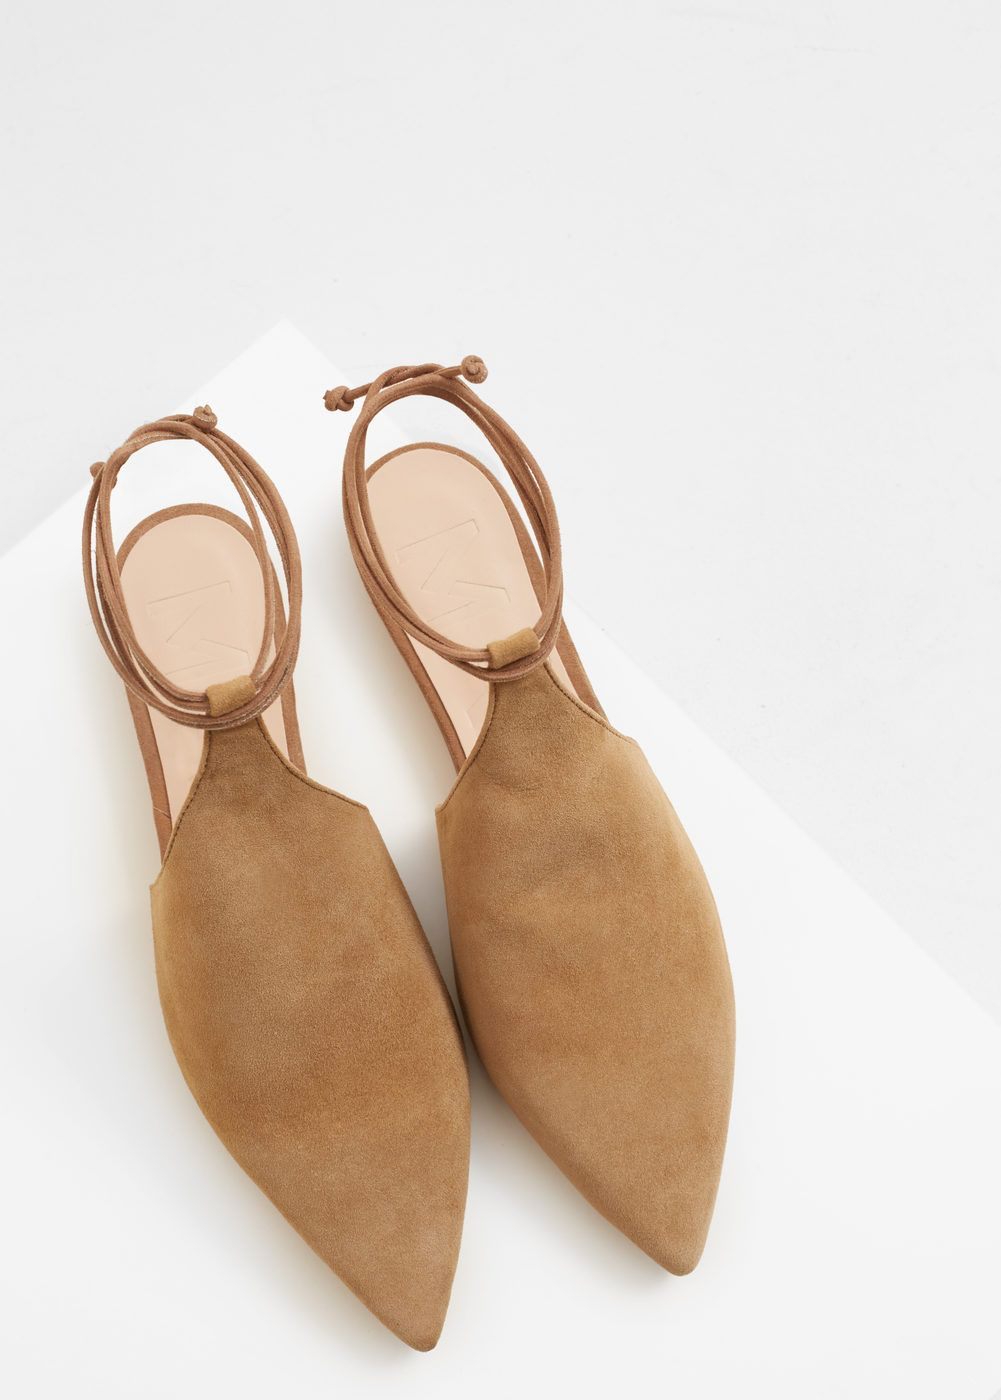 Premium zapato  destalonado piel Mujer en 2018  zapato  Accessories cf1f1a